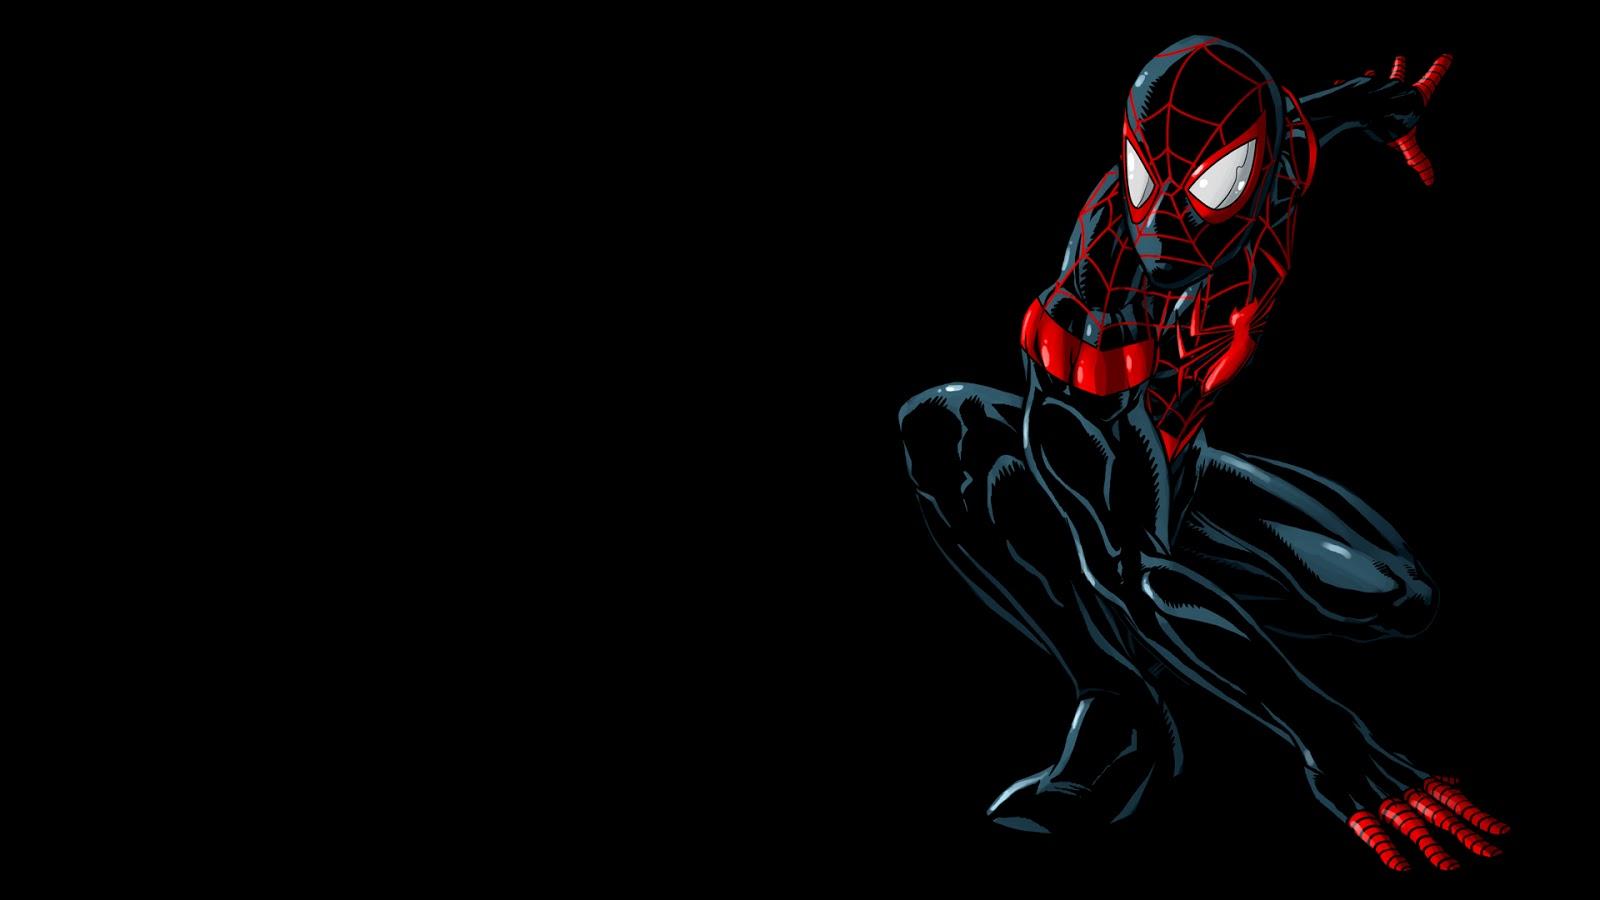 Supergirl Hd Wallpapers 1080p Spiderman Comic Wallpaper